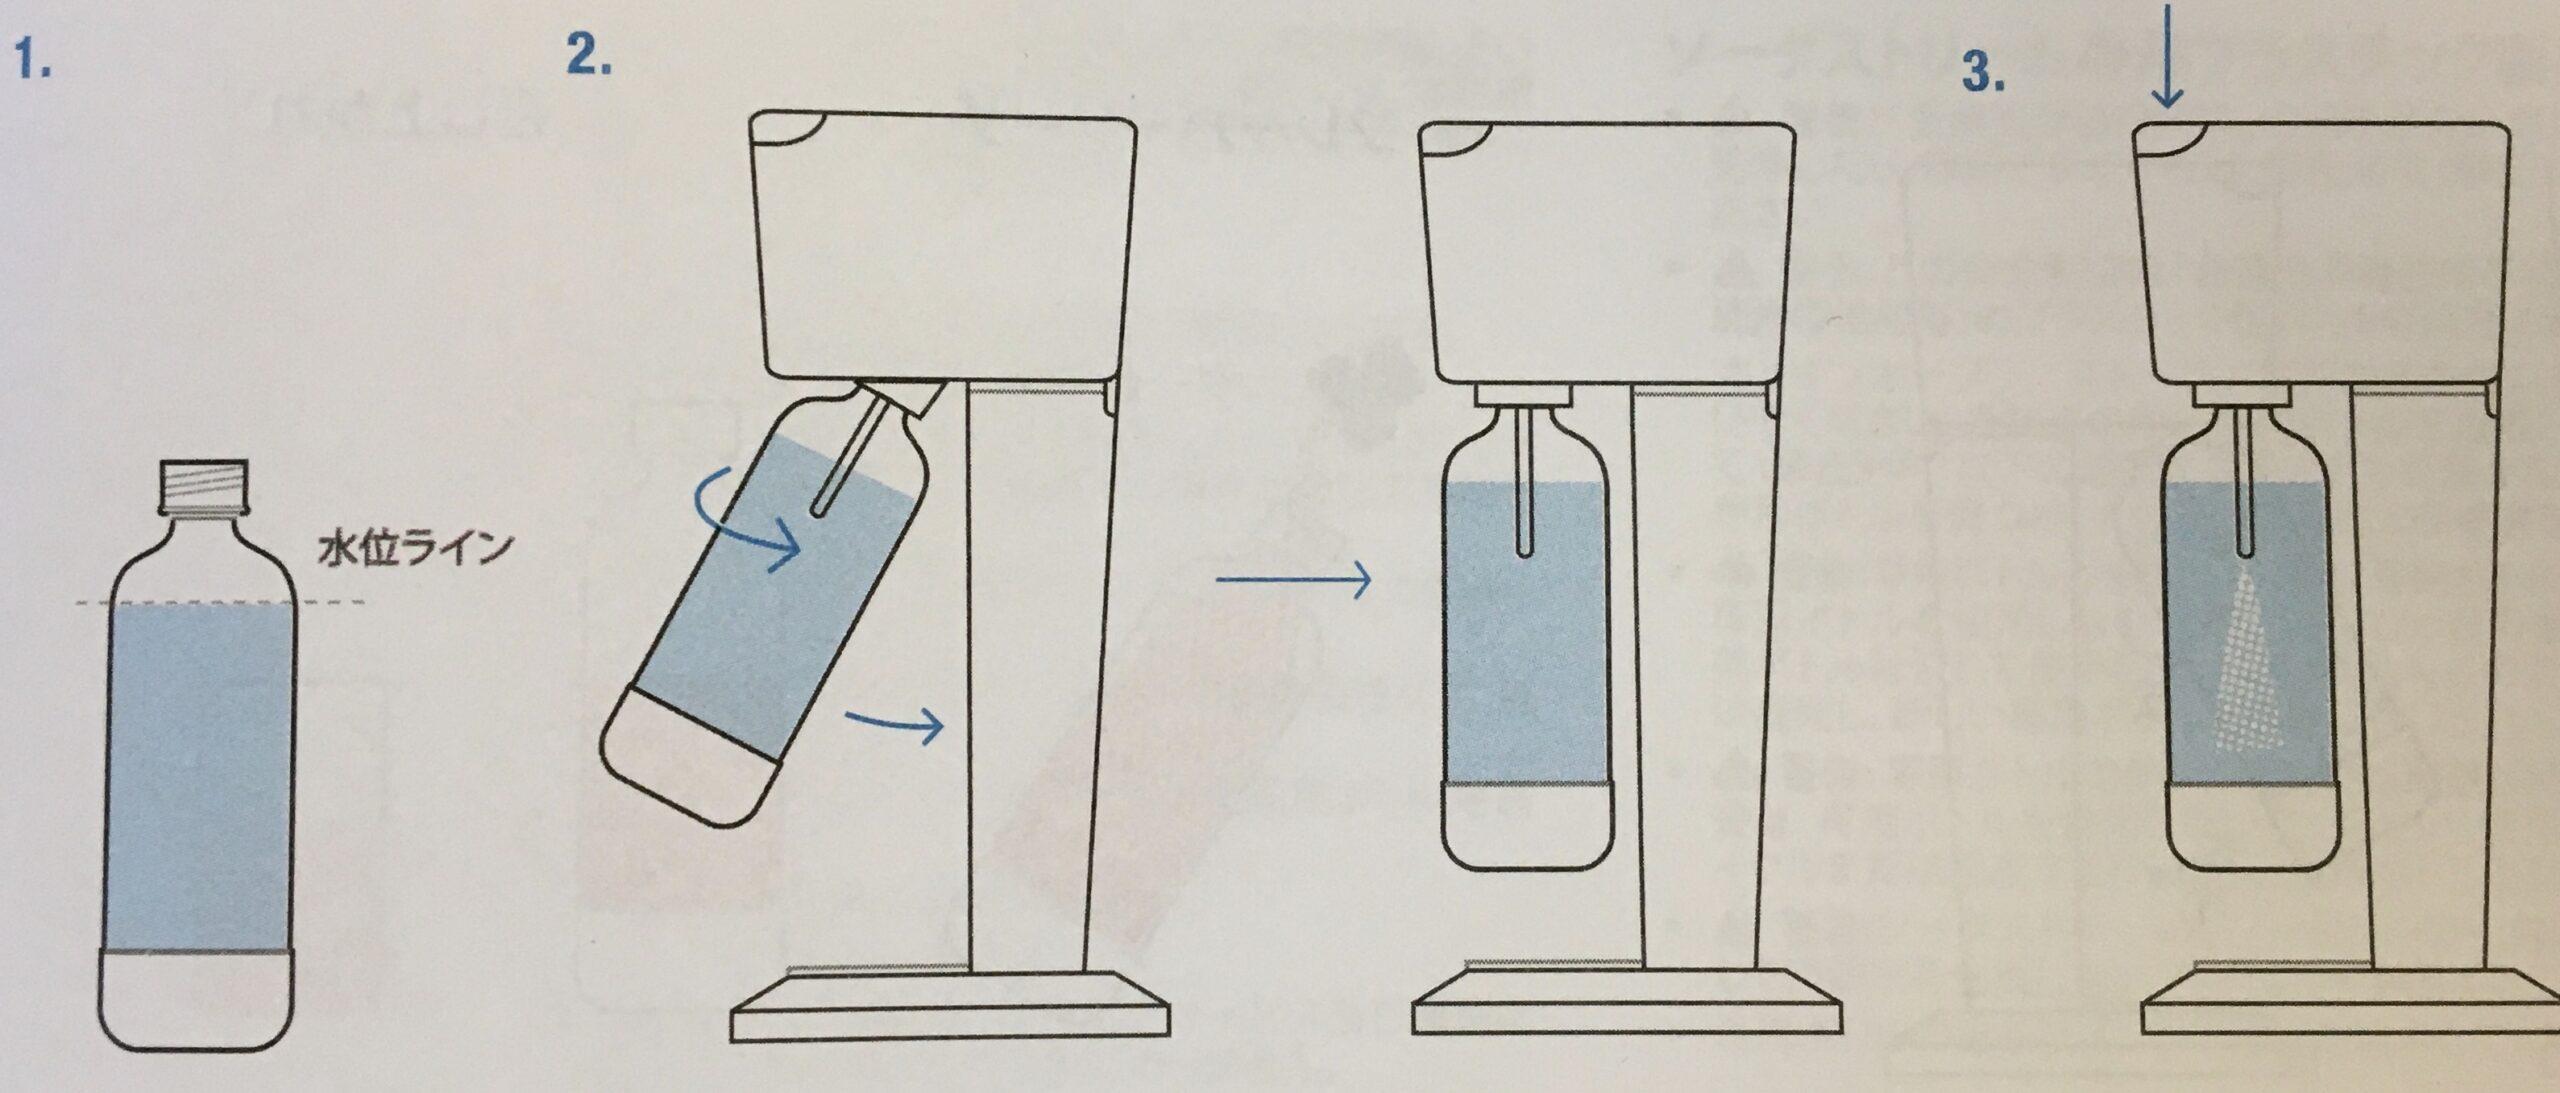 ソーダストリームの使い方の図